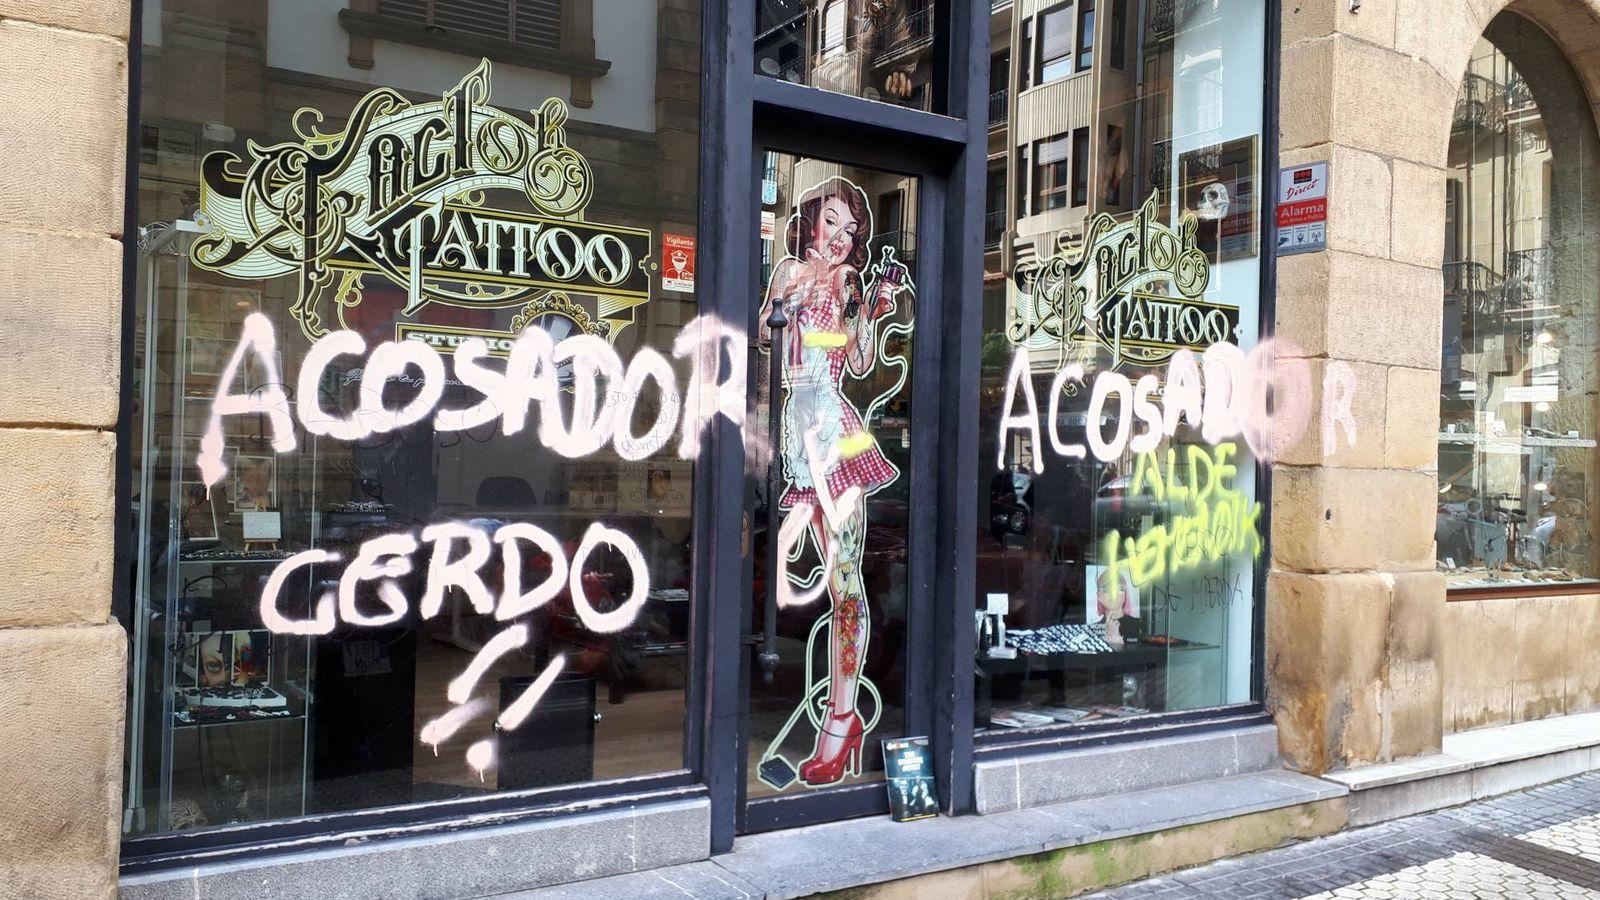 Foto: Exterior del estudio de tatuaje repleto de pintadas contra el responsable del negocio, que se enfrenta a once denuncias por acoso sexual. (EC)